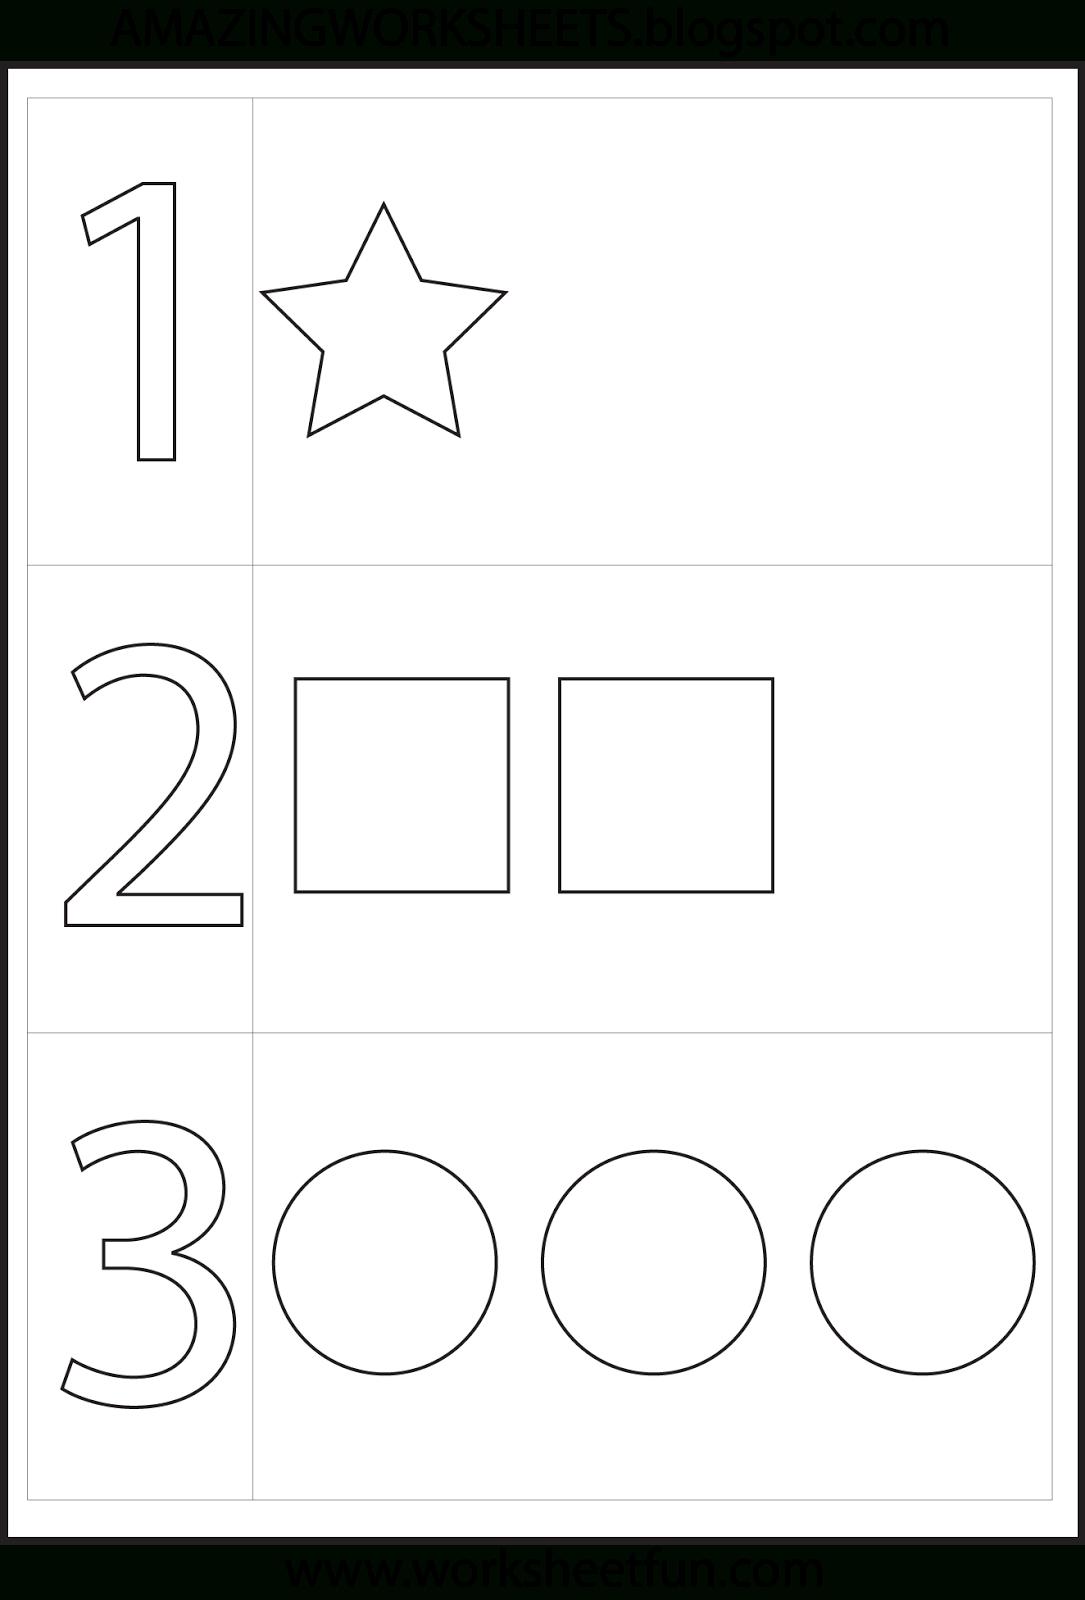 Preschool Number One Worksheet | Number 1 Preschool Worksheets | Number One Worksheet Preschool Printable Activities